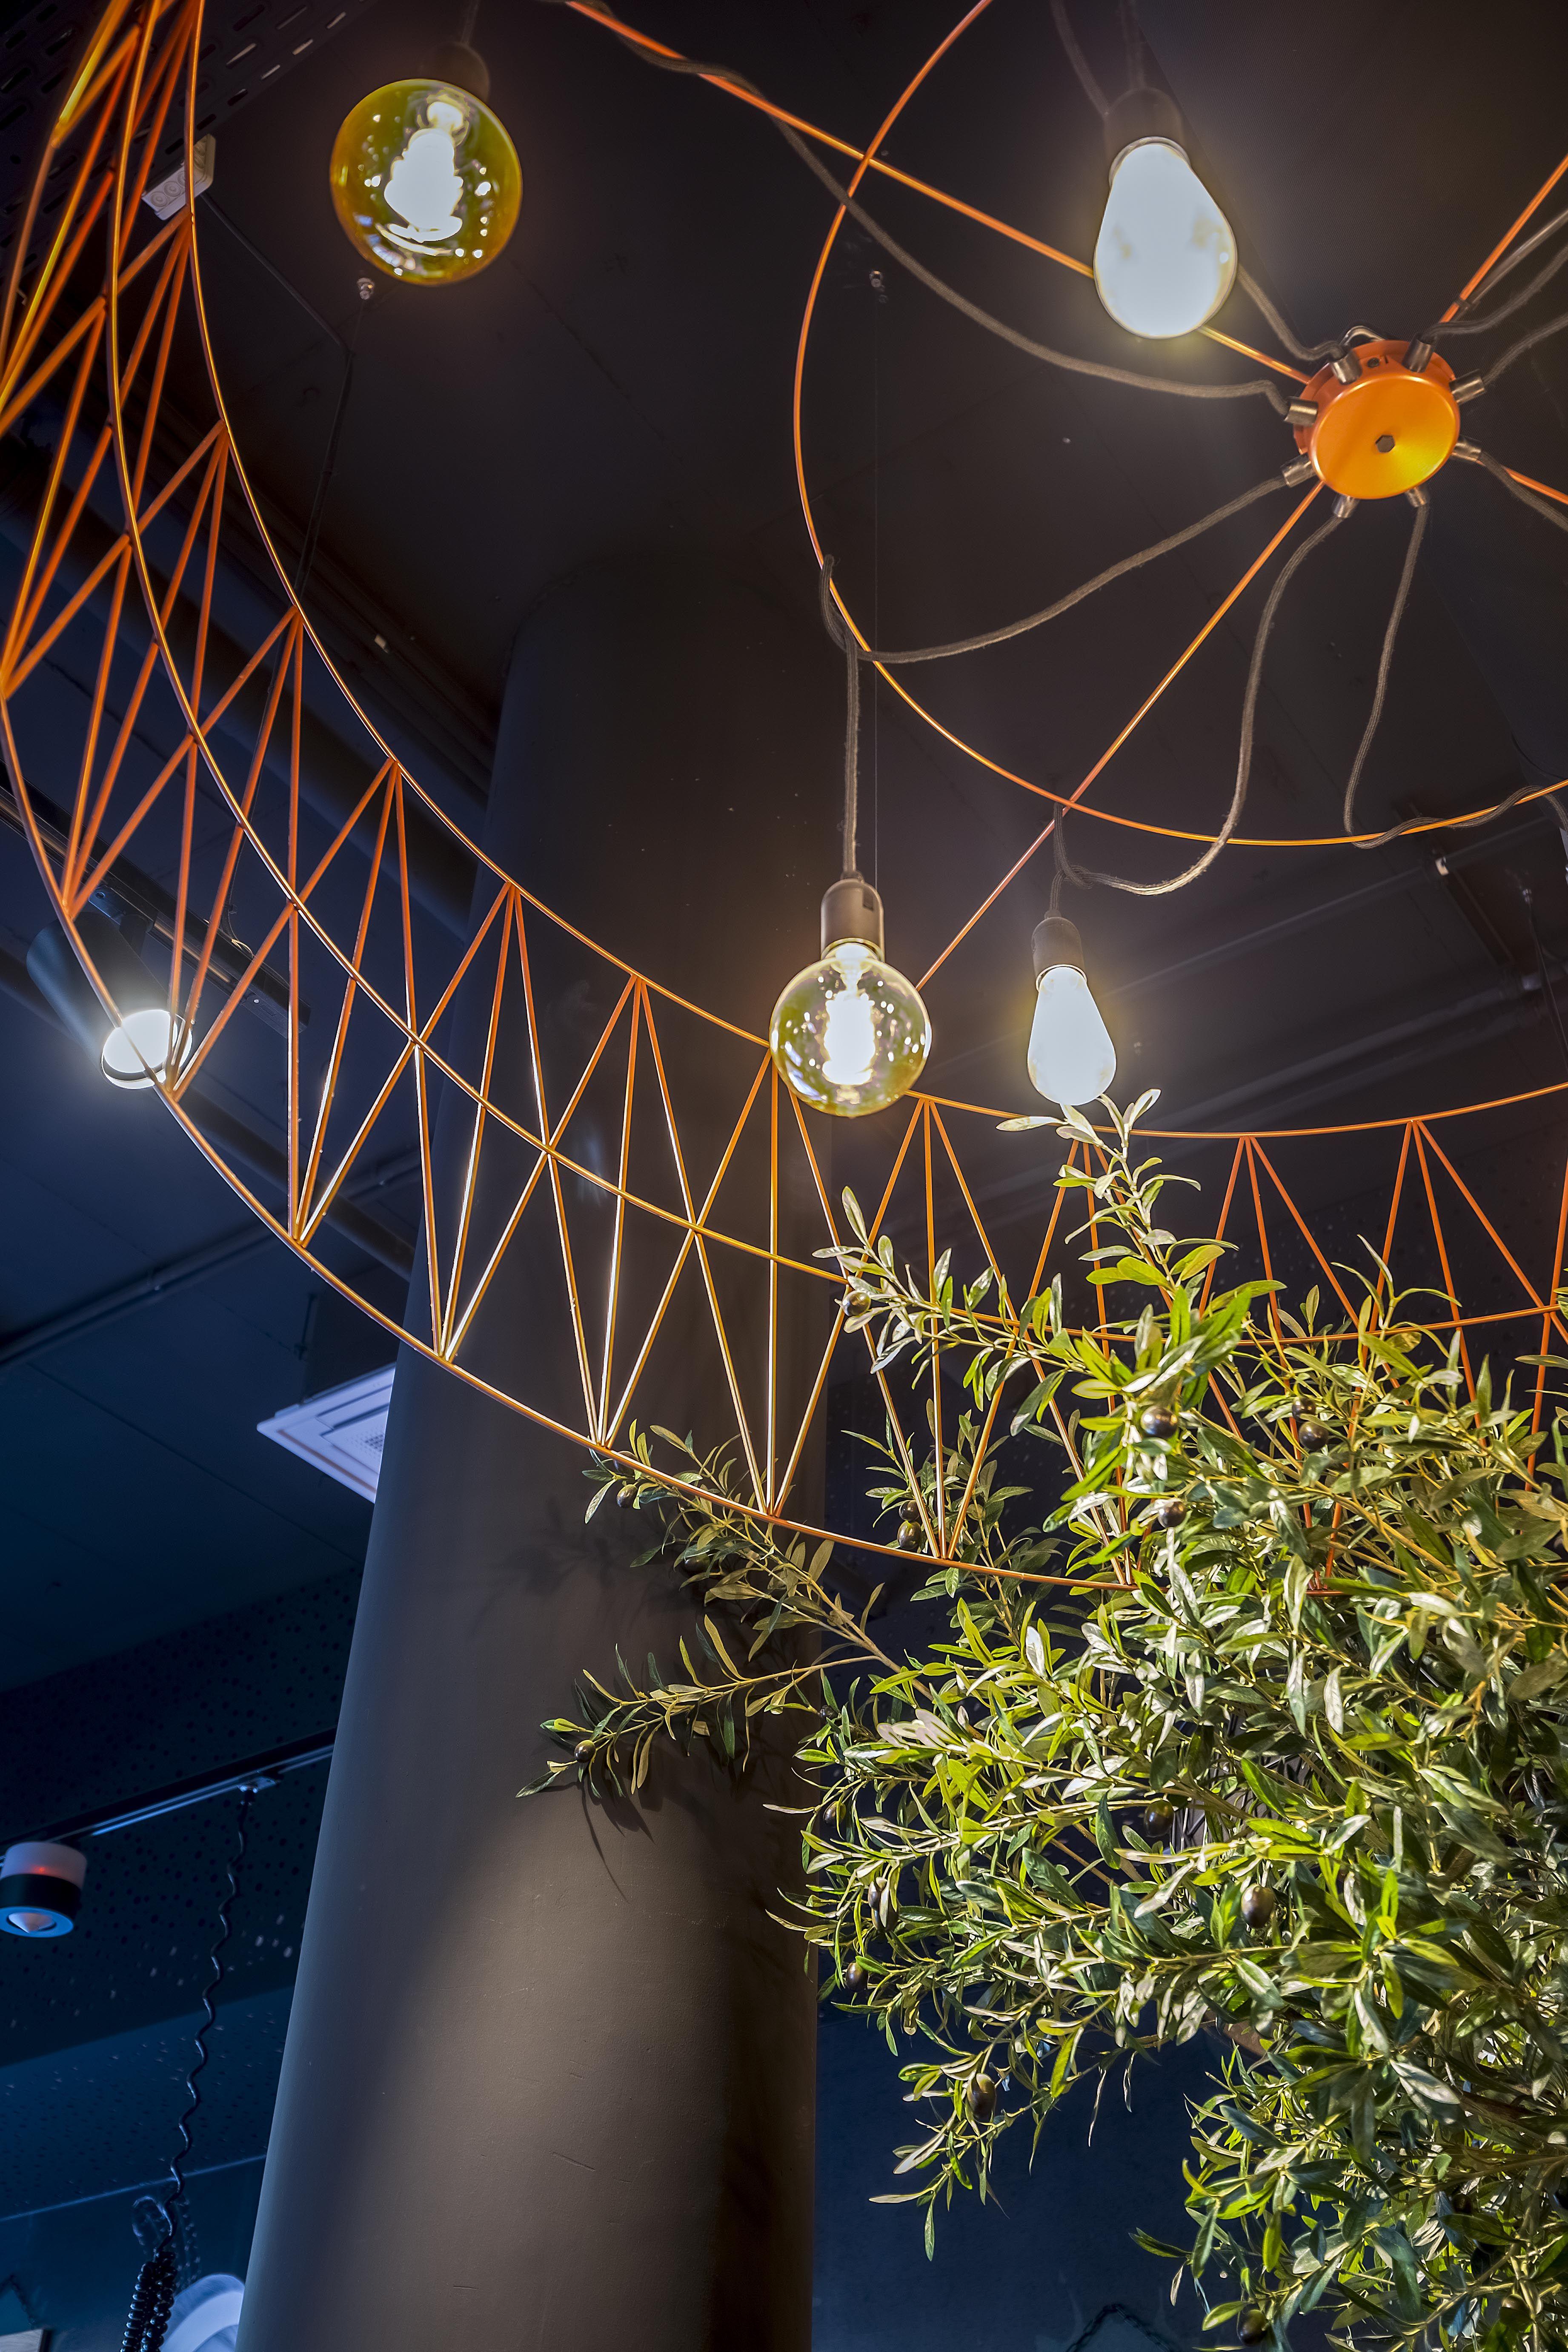 Aichinger Ladenbau Theke Ladentheke Design Einrichtung Ladeneinrichtung Modern Food Style Erfolgeinrichten I Ladeneinrichtung Ladenbau Lichtkonzept